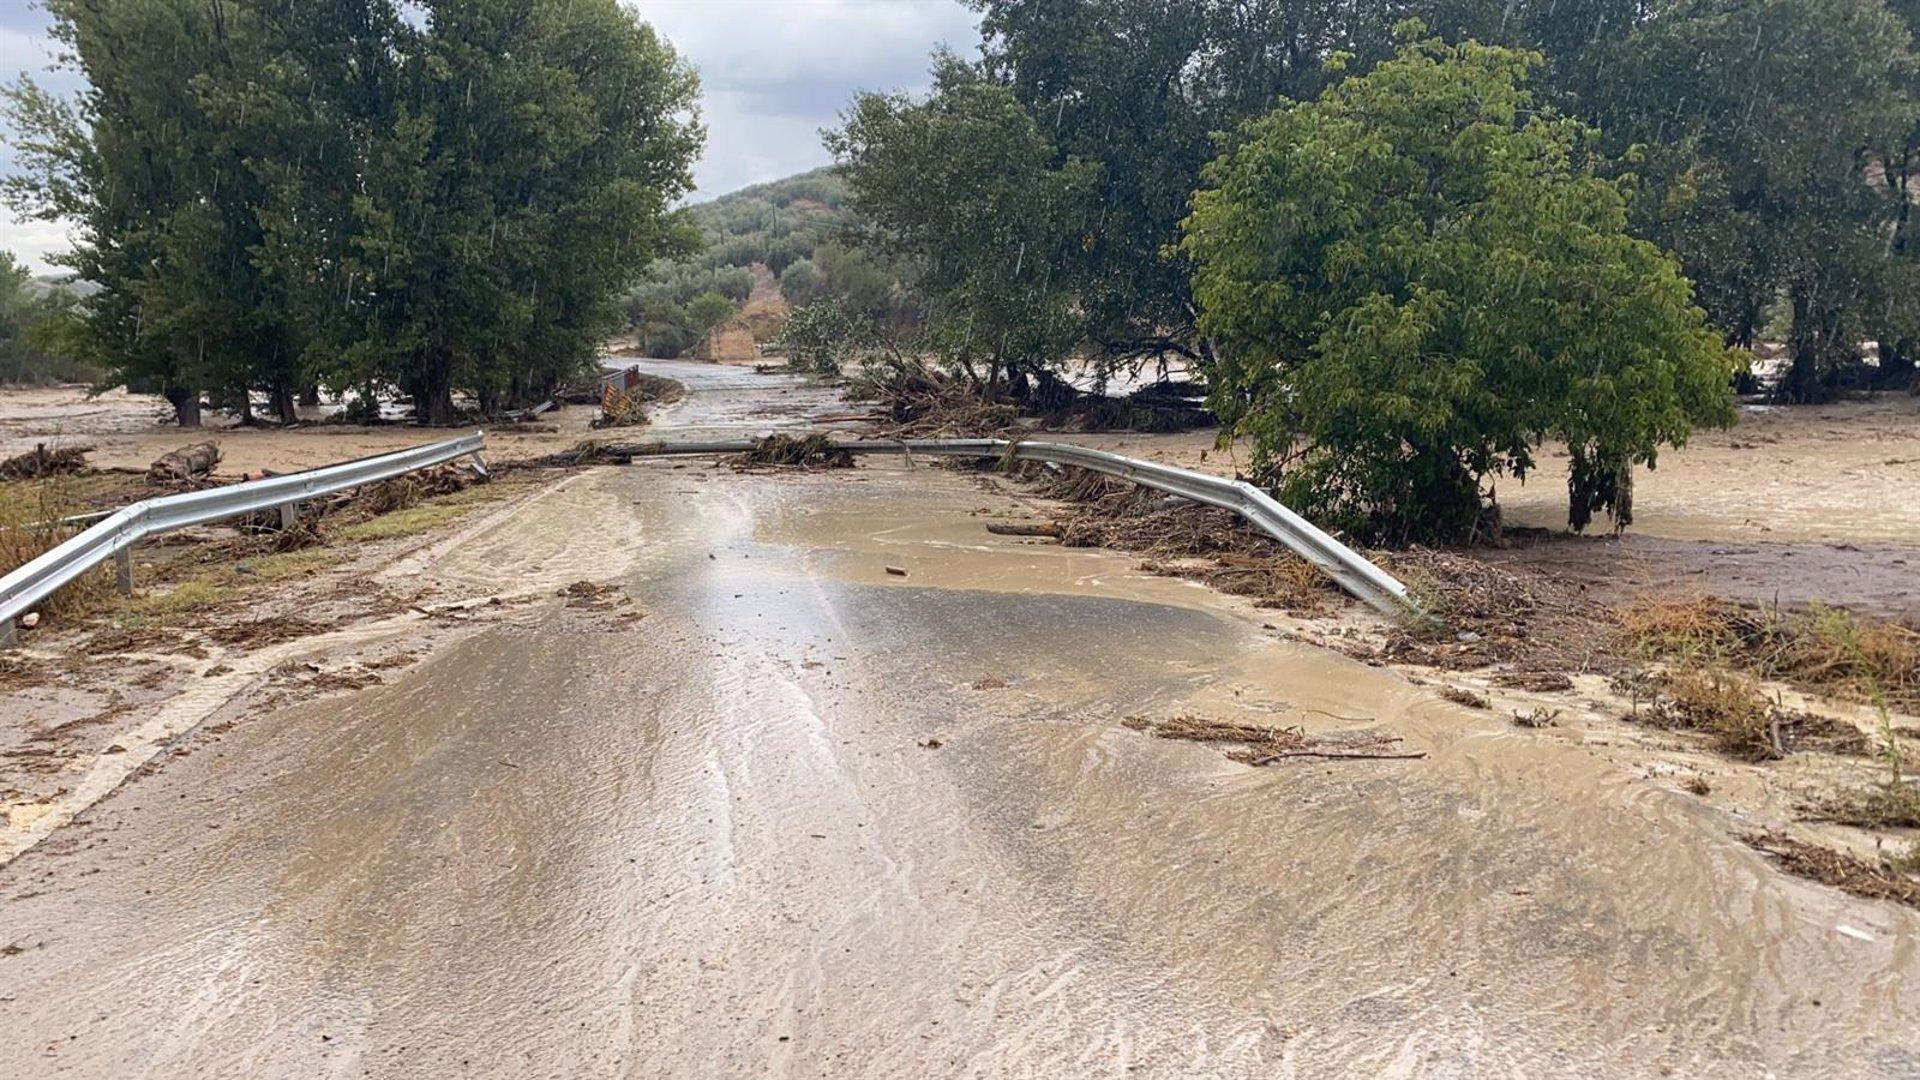 Buscan unos doce coches arrastrados por el agua en Montefrío que cuantifica daños en casas y caminos